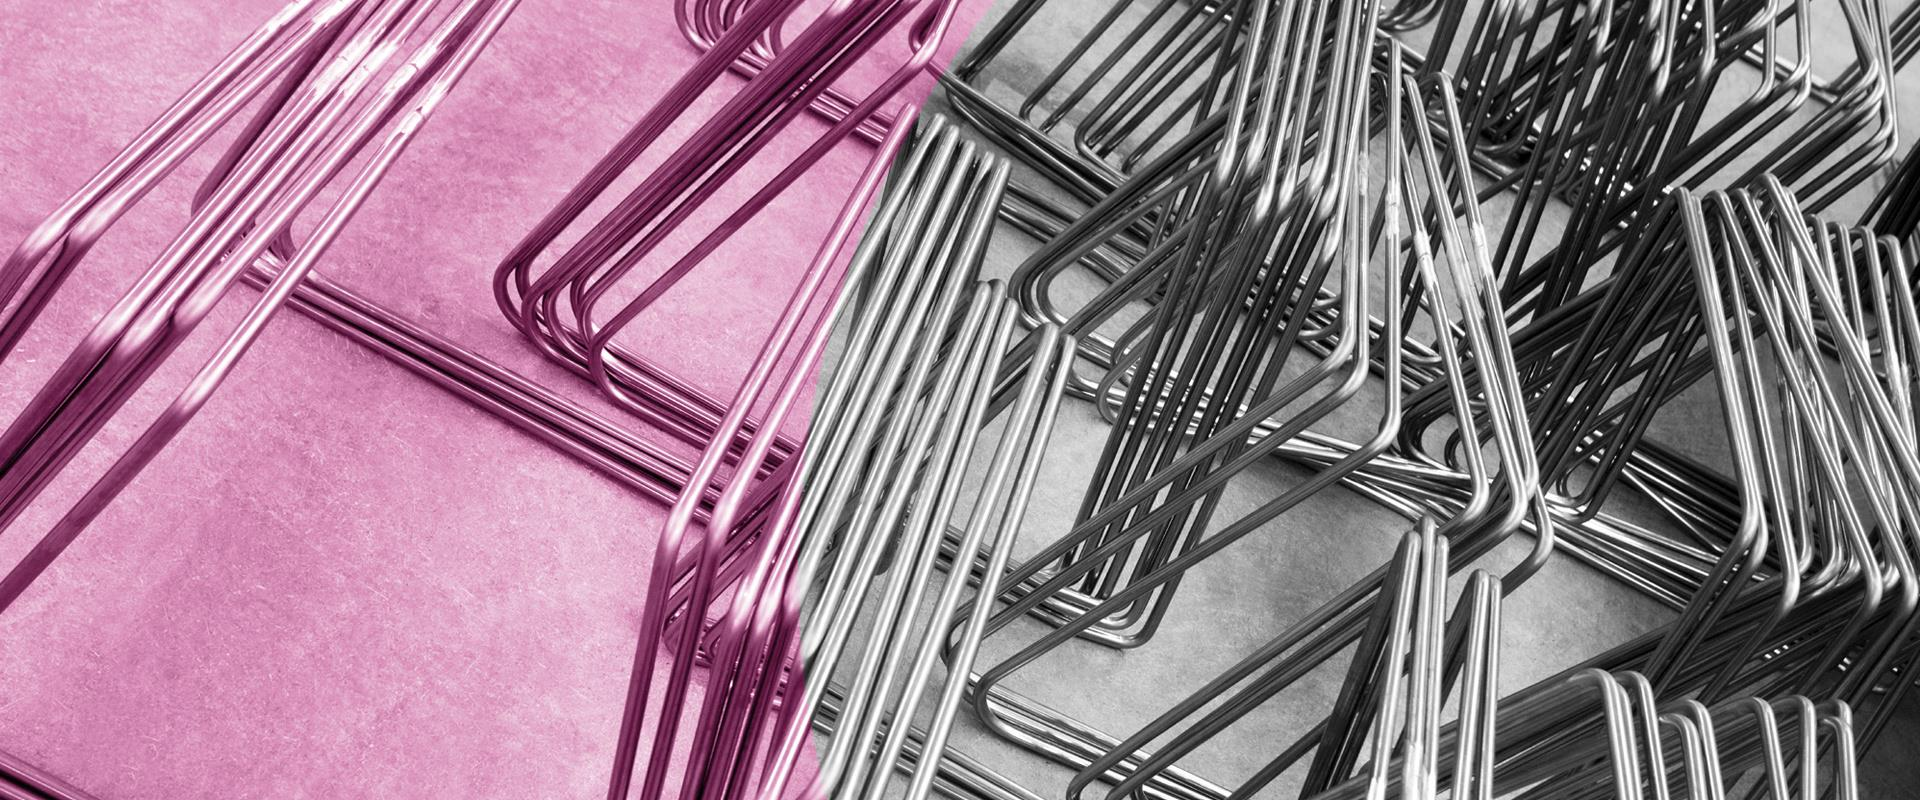 ilcap-fusto-sedia-grezza-tubo-metallo